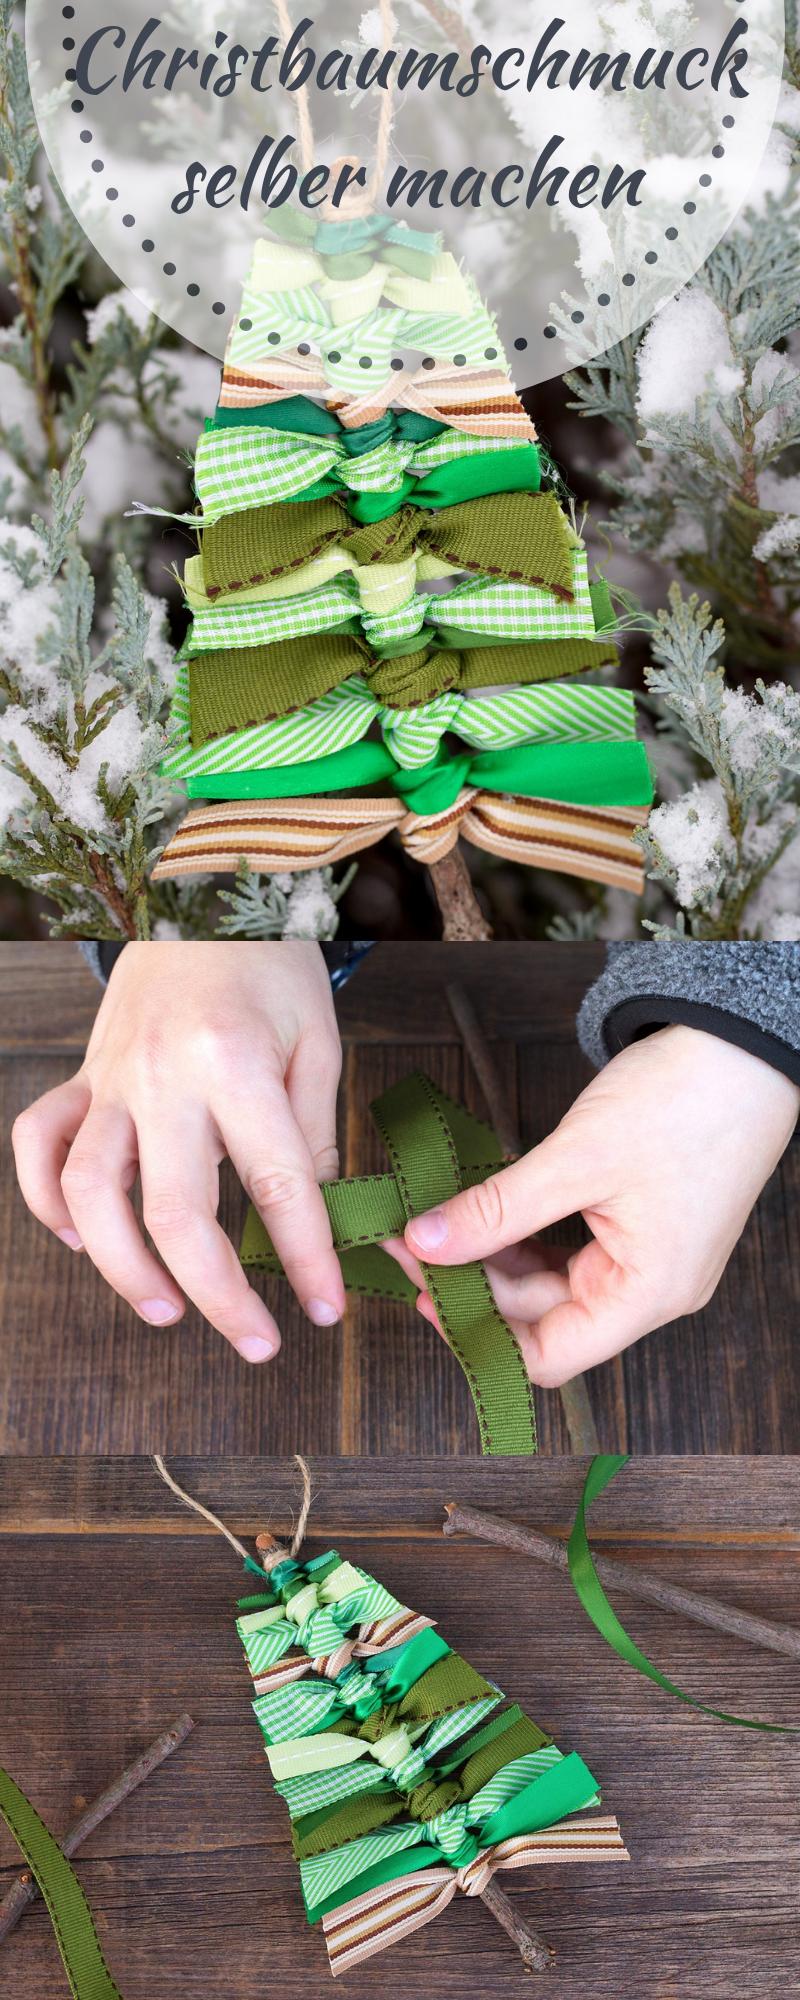 DIY Ideen für Winterdeko selber machen